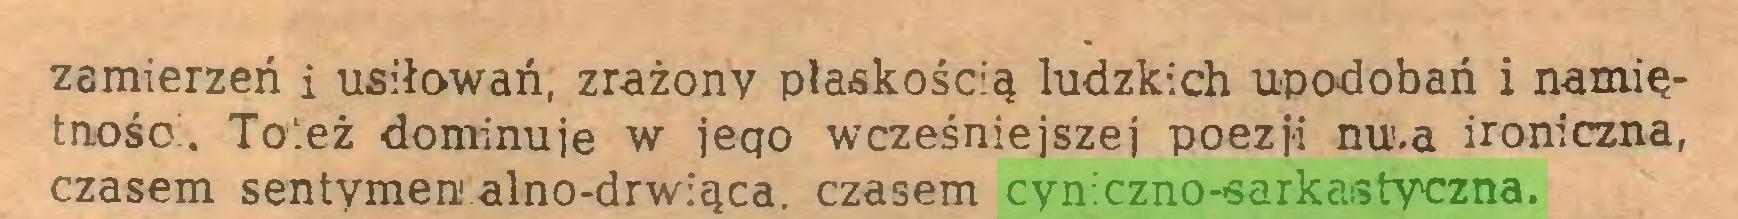 (...) zamierzeń i usiłowań, zrażony plaskością ludzkich upodobań i namiętność:. Toteż dominuje w jeqo wcześniejszej poezji nu.a ironiczna, czasem sentymen alno-drwiąca. czasem cyniczno-sarkastyczna...